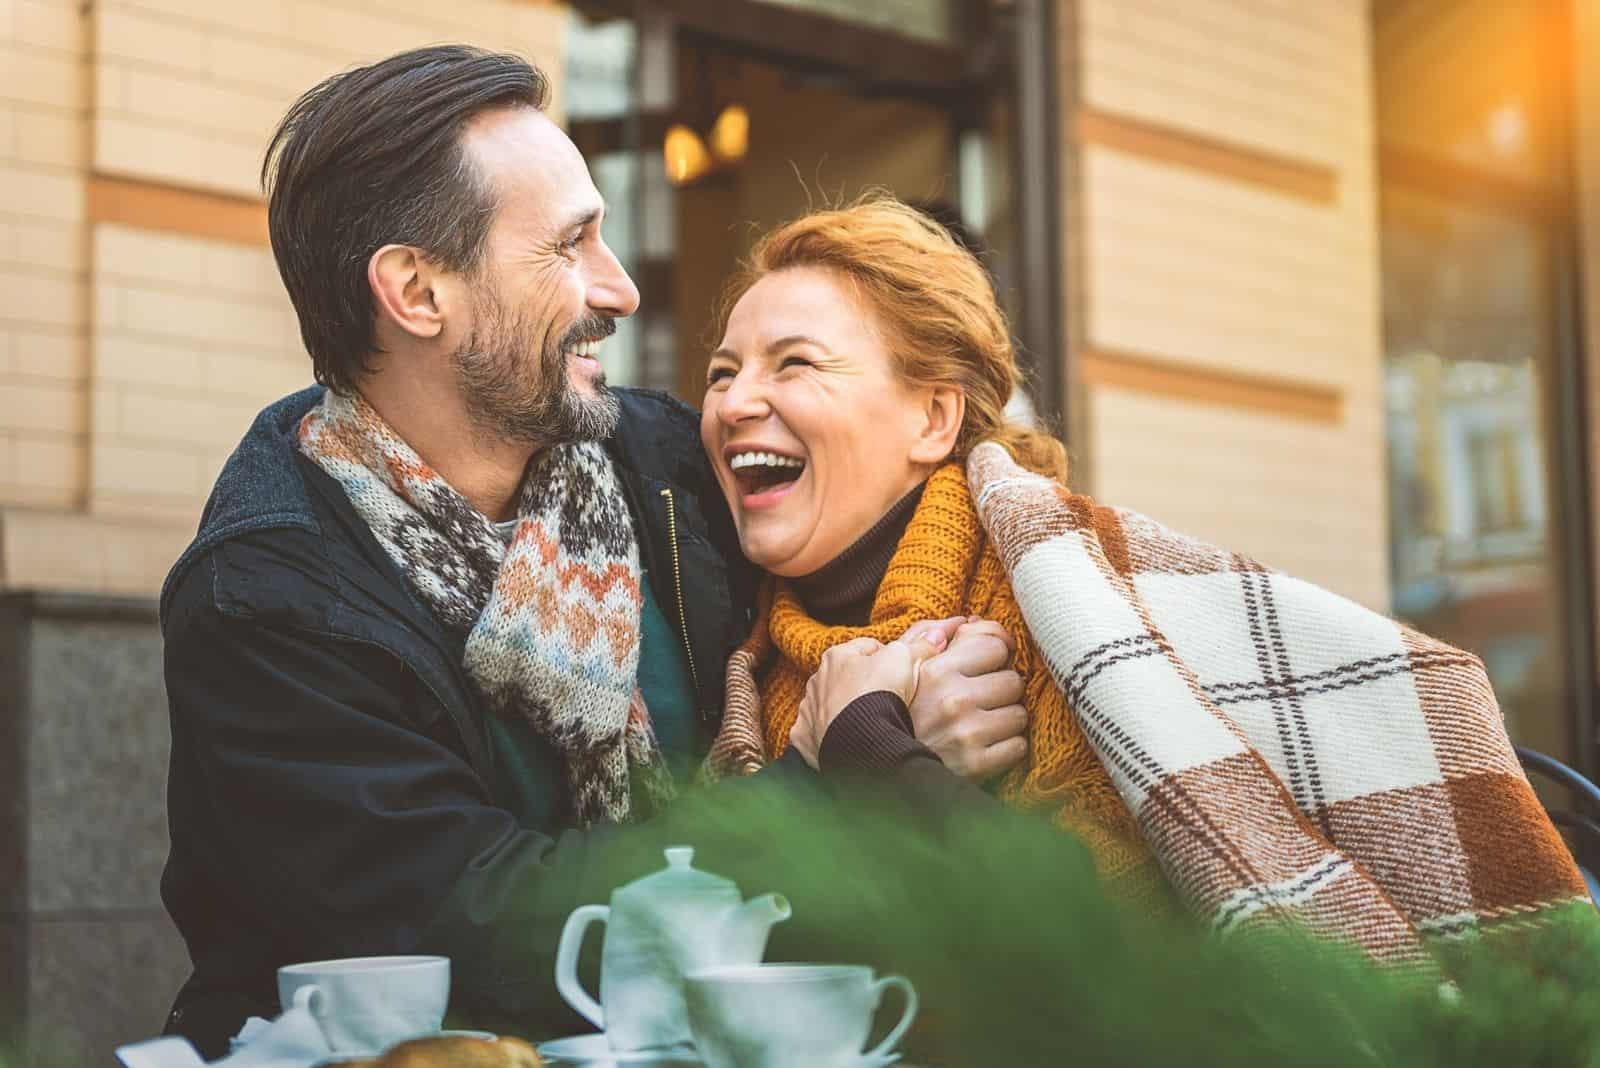 süßer Mann und Frau Partnersuche im Café